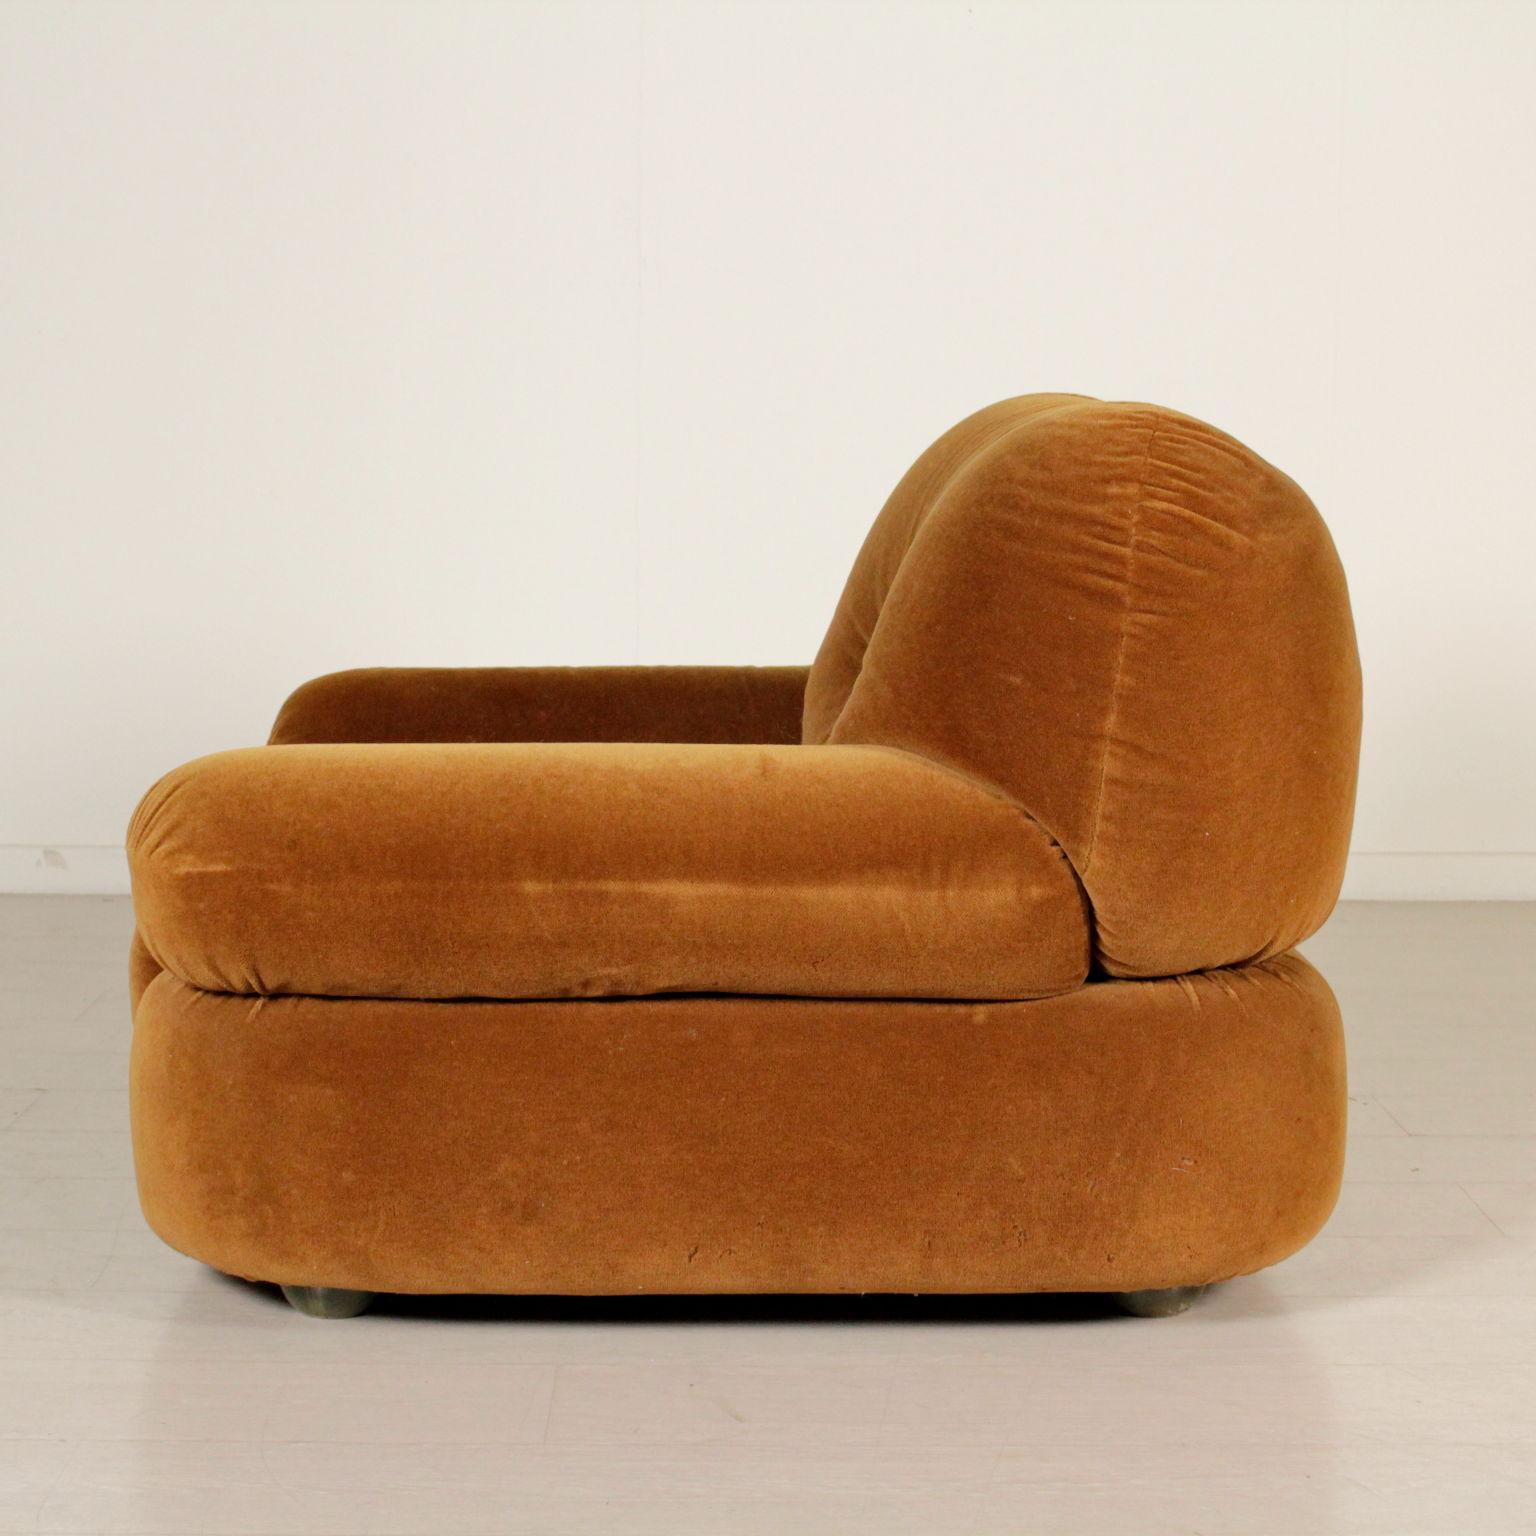 fauteuil rembourrage r pandu rev tement velours italie ann es 60 70 ebay. Black Bedroom Furniture Sets. Home Design Ideas